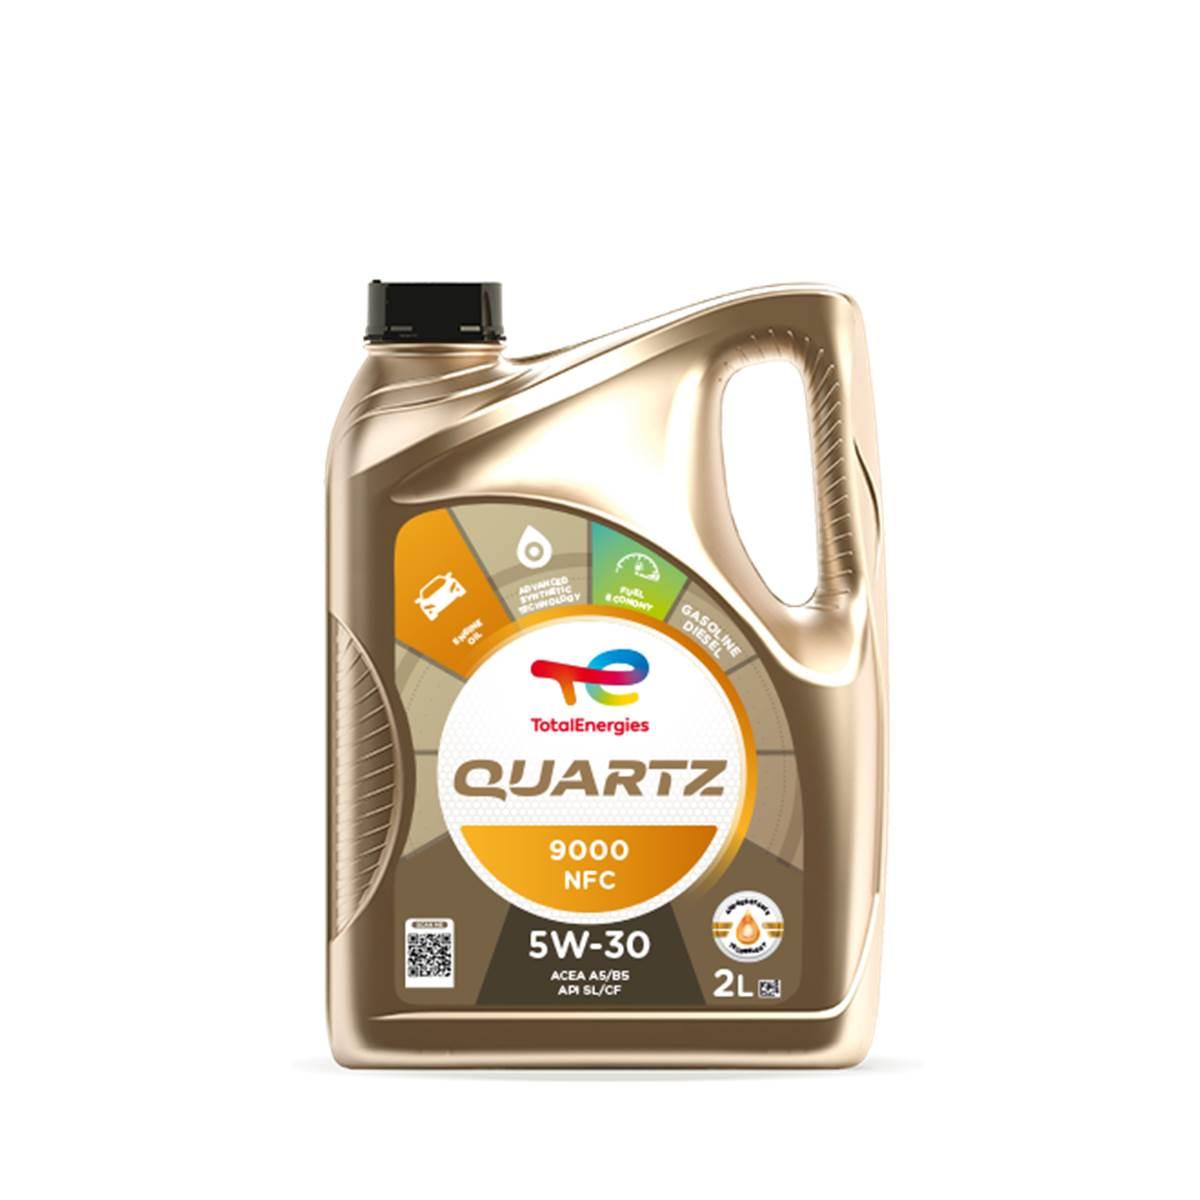 Huile moteur TOTAL Quartz 9000 NFC 5W30 Essence/Diesel 2L